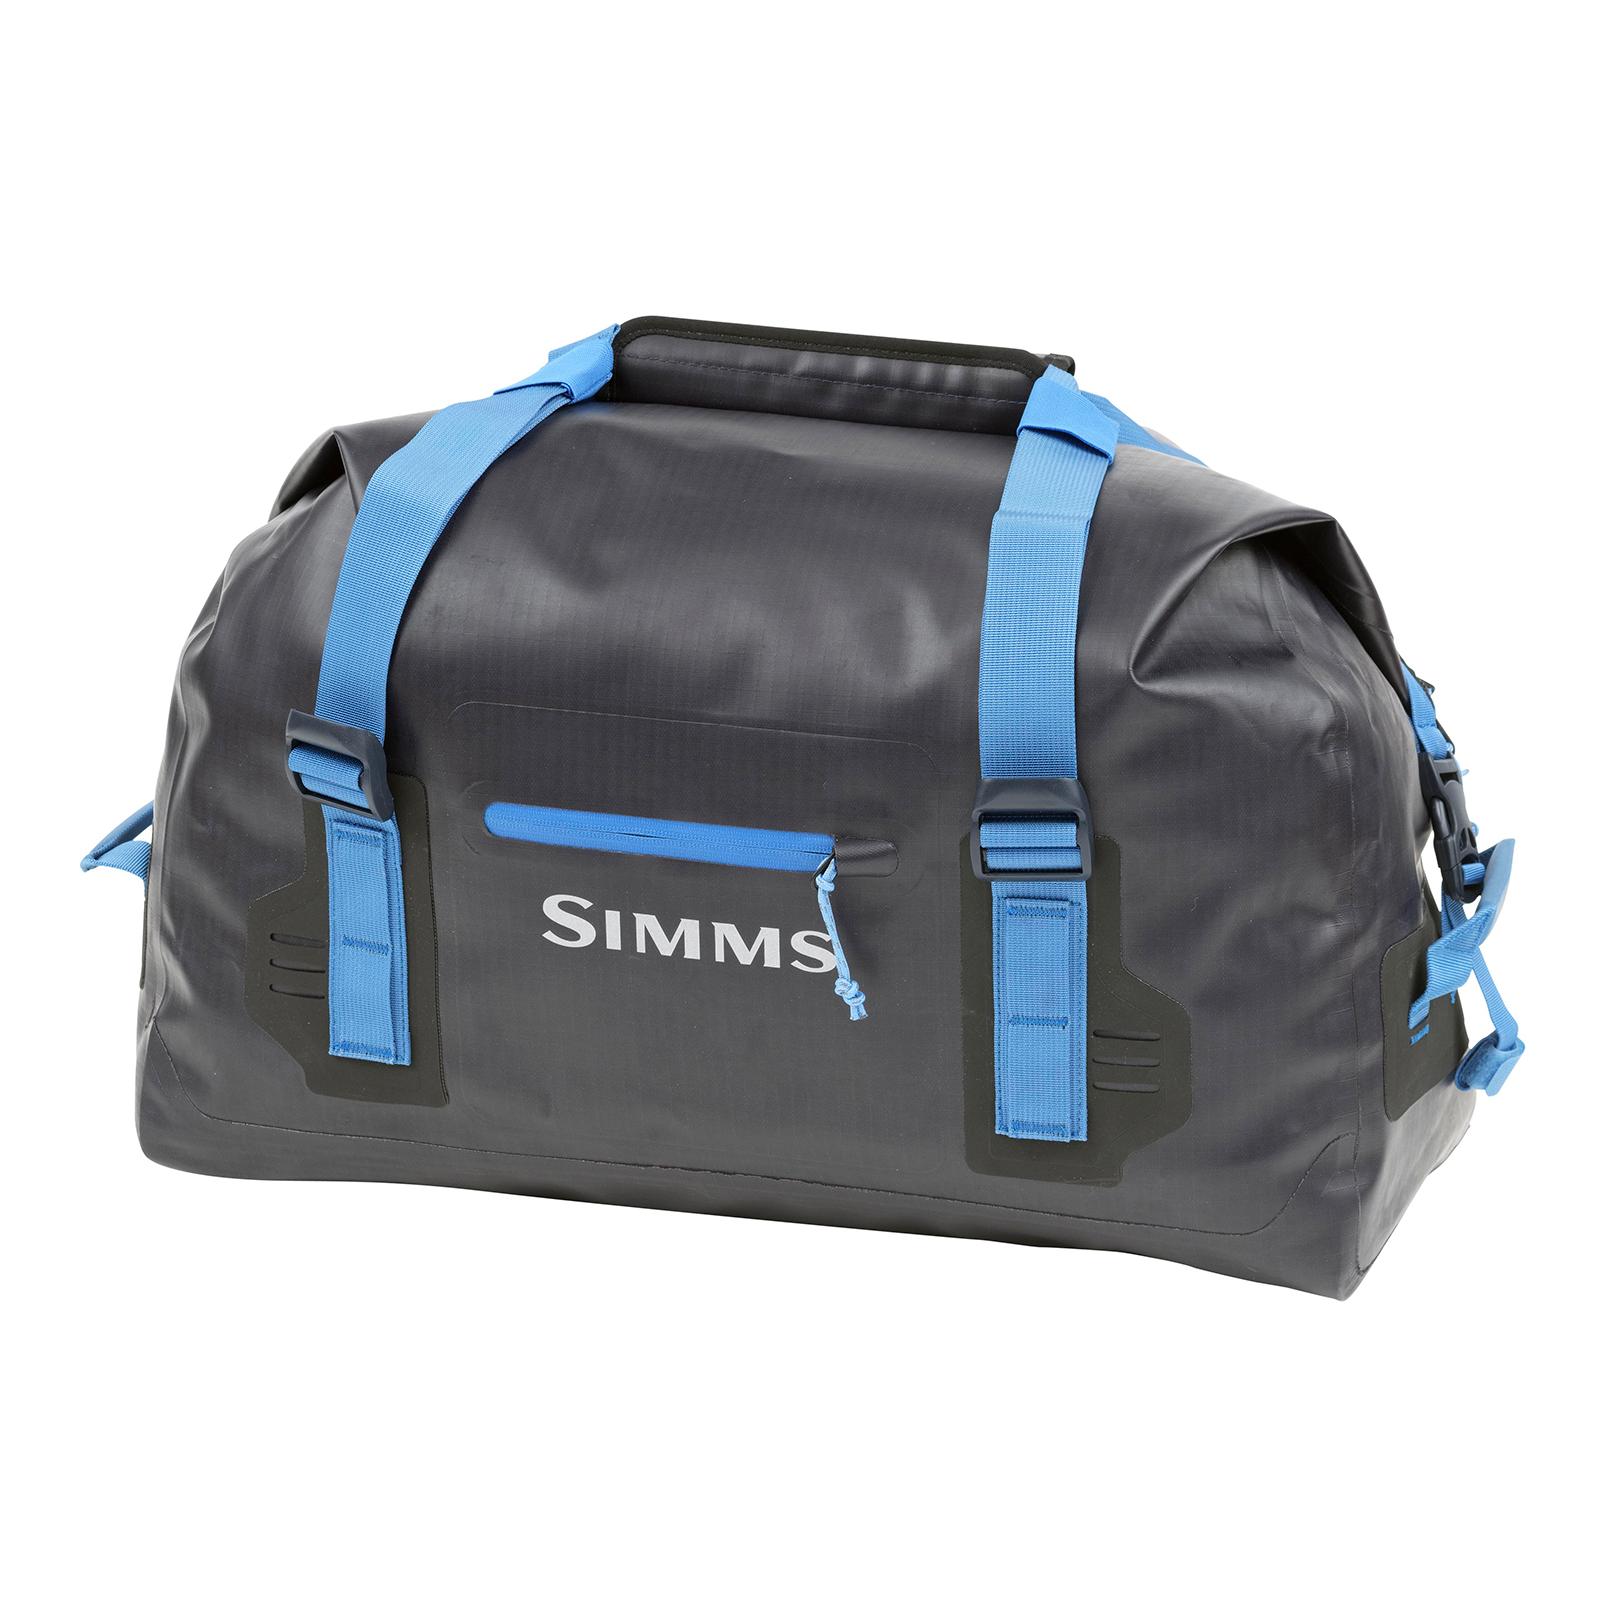 Simms-Dry-Creek-Duffel-Bag_2